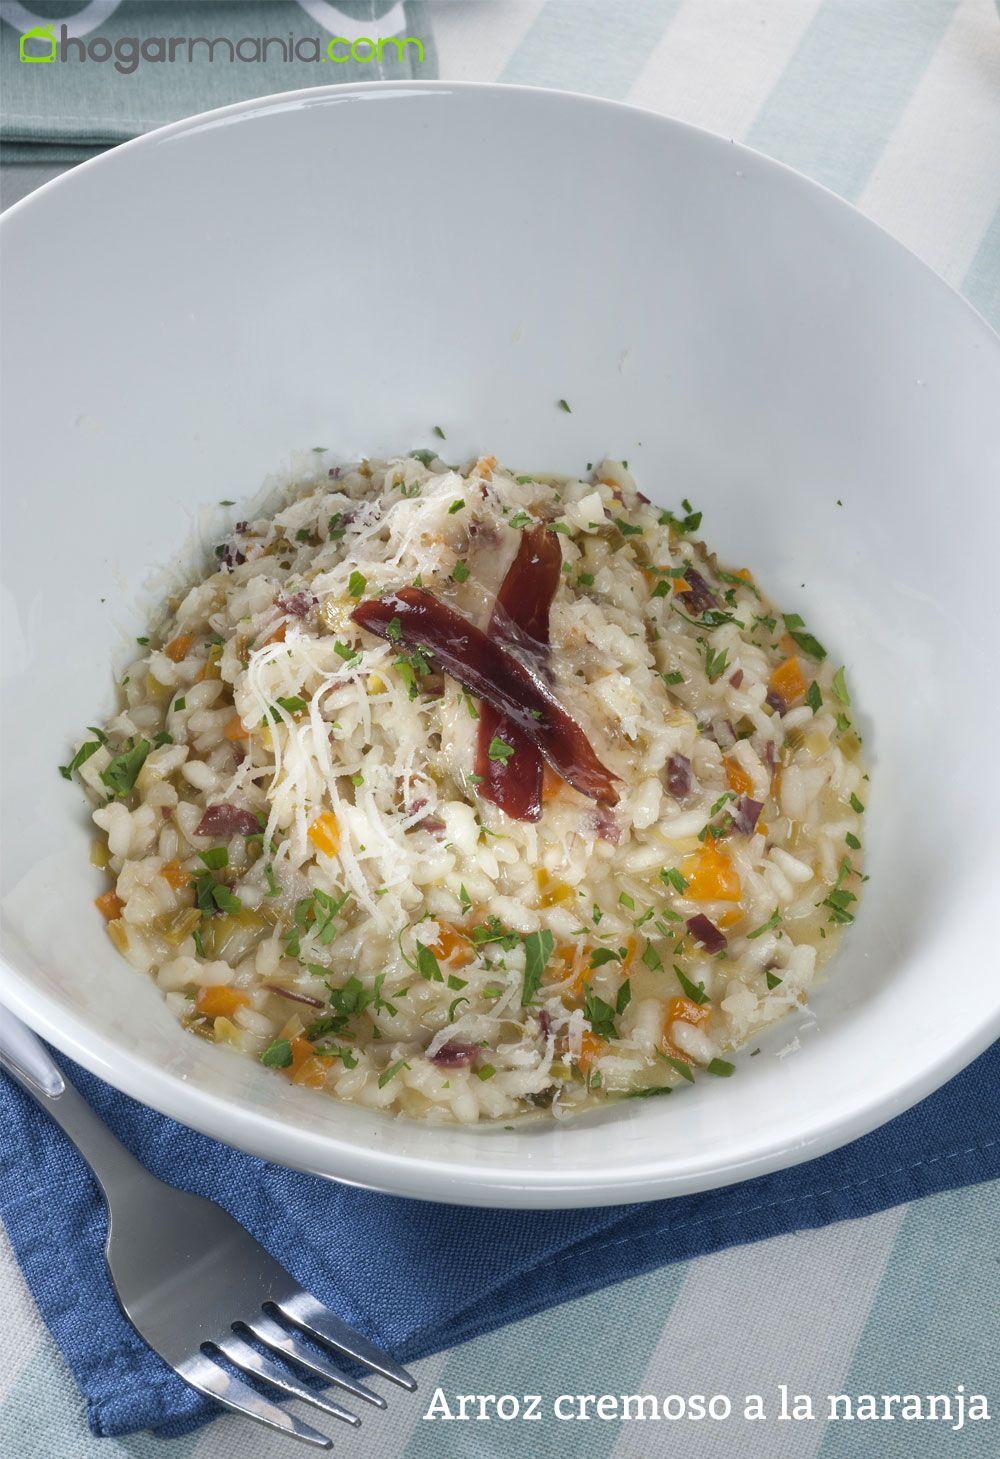 arroz cremoso a la naranja